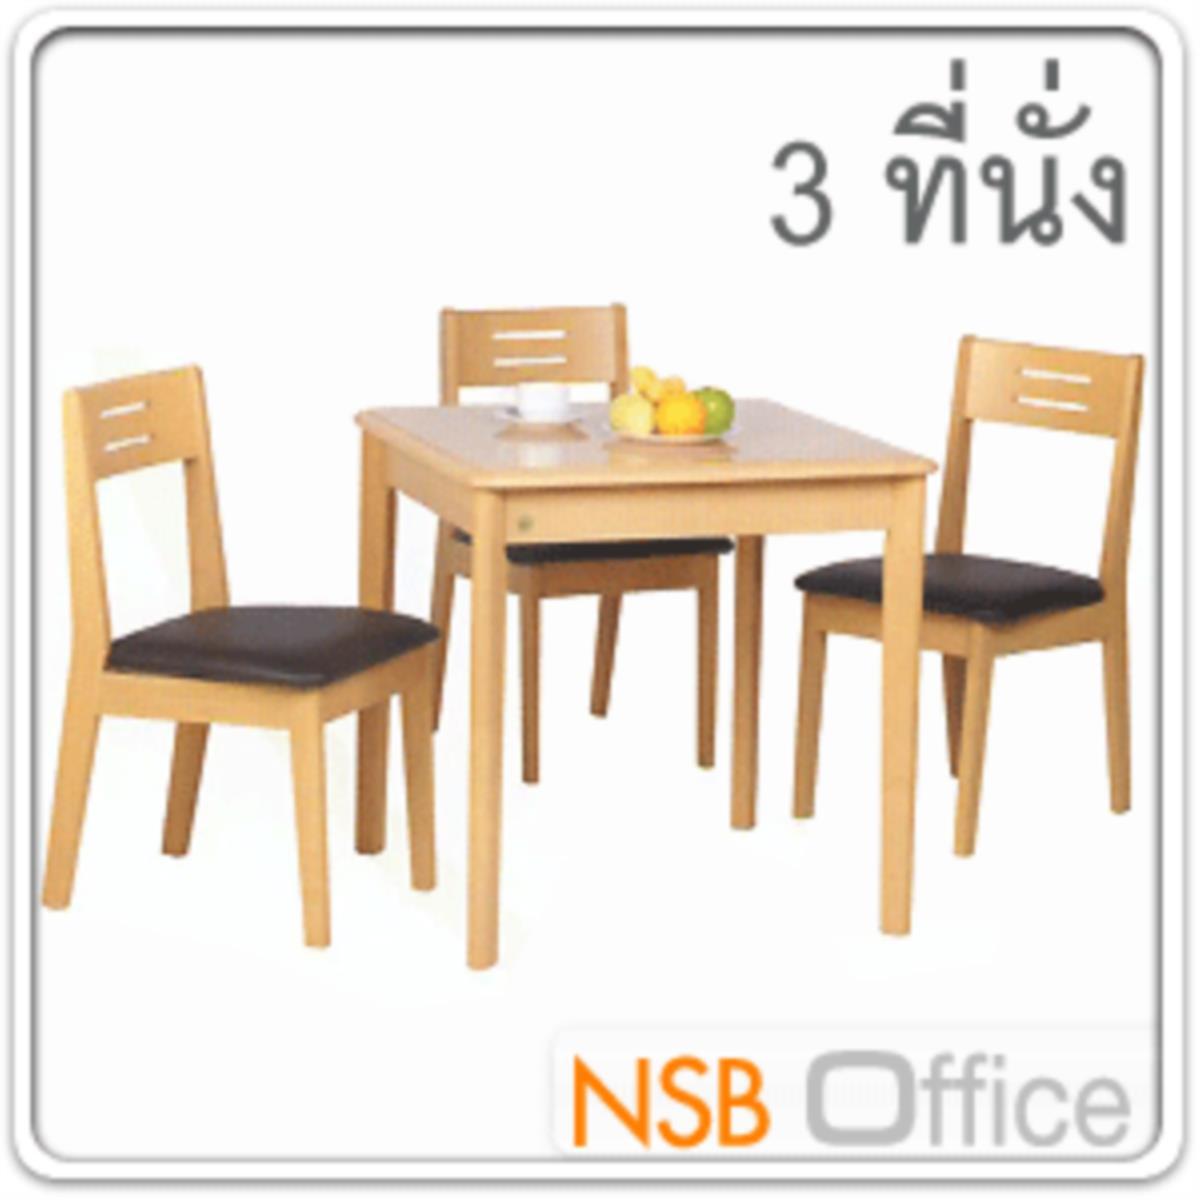 ชุดโต๊ะรับประทานอาหารหน้าโฟเมก้าลายไม้ 3 ที่นั่ง รุ่น SUNNY-2 ขนาด 75W cm. พร้อมเก้าอี้